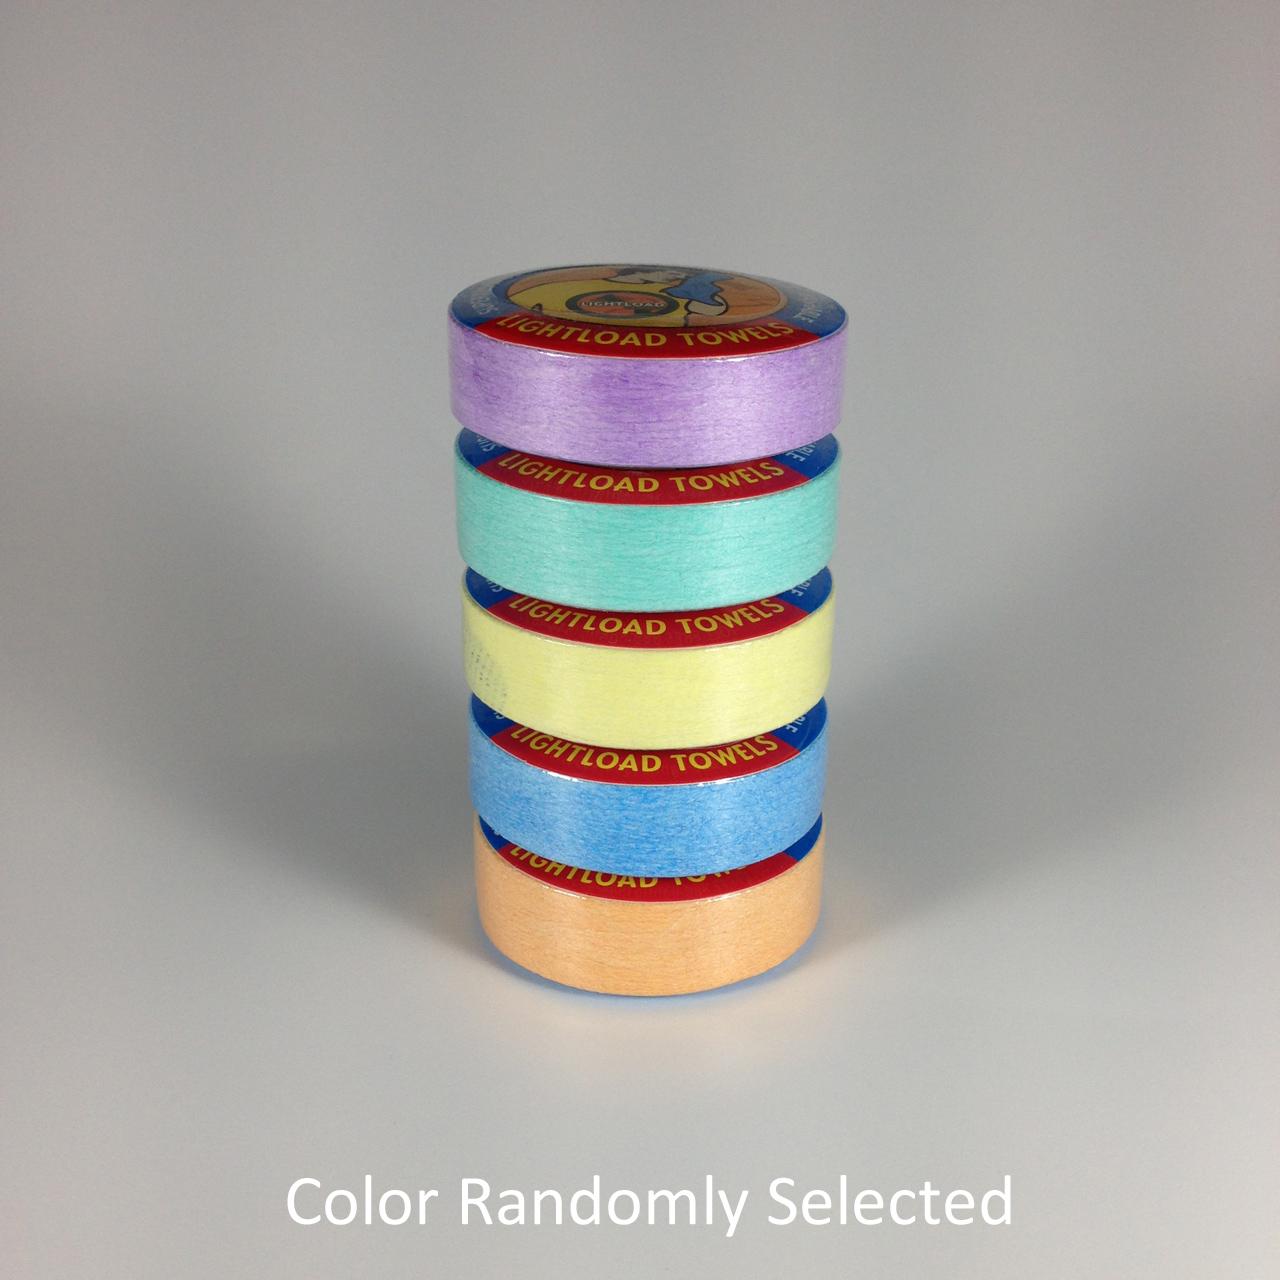 lightload-towels-color.jpg